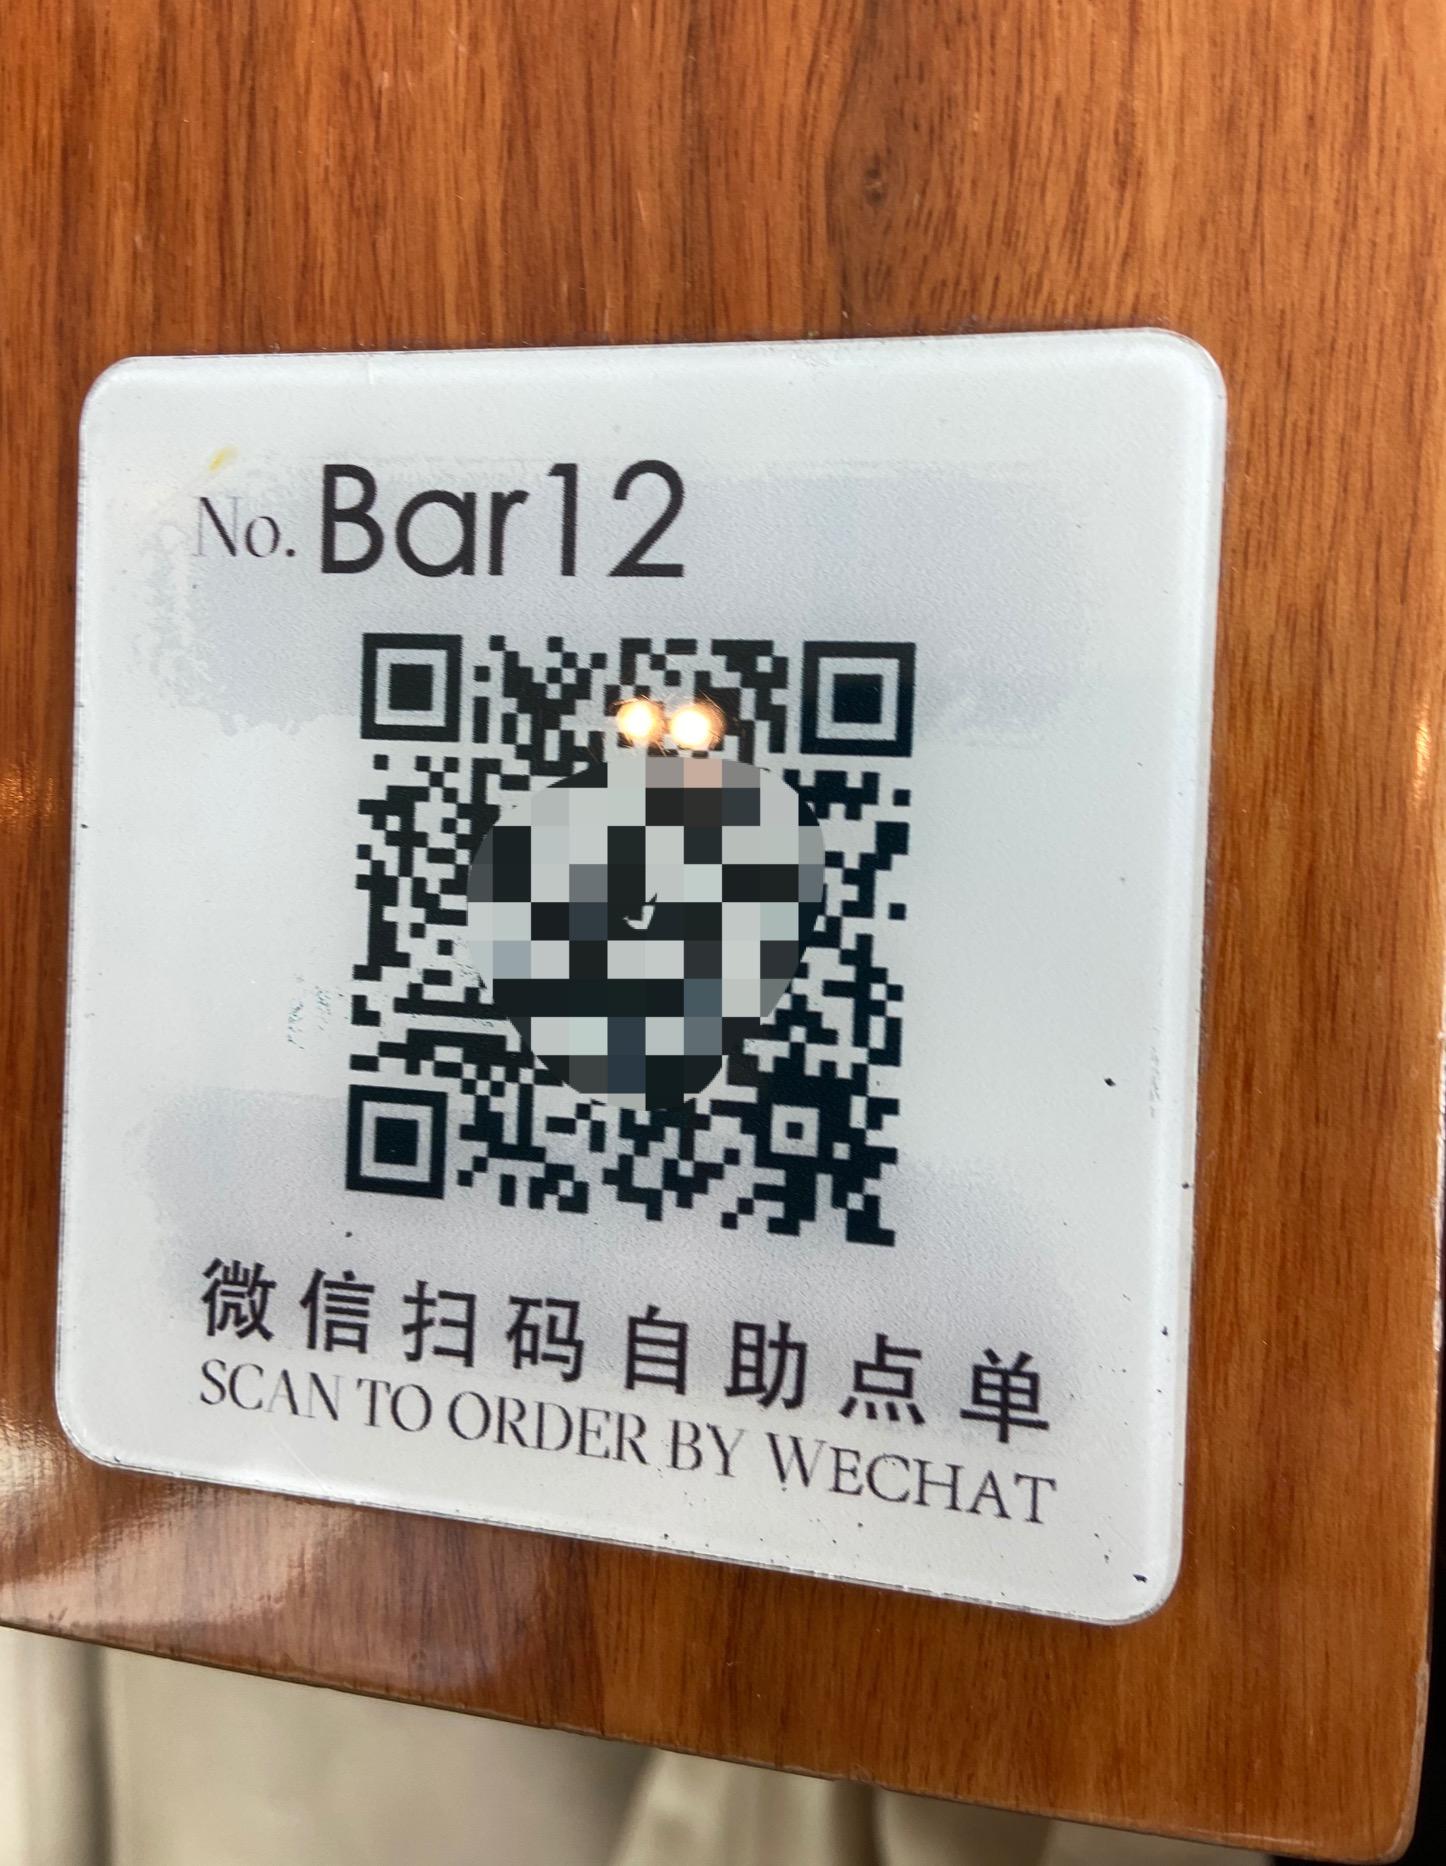 一家支持微信扫码自助点单的餐厅在餐台上贴的二维码